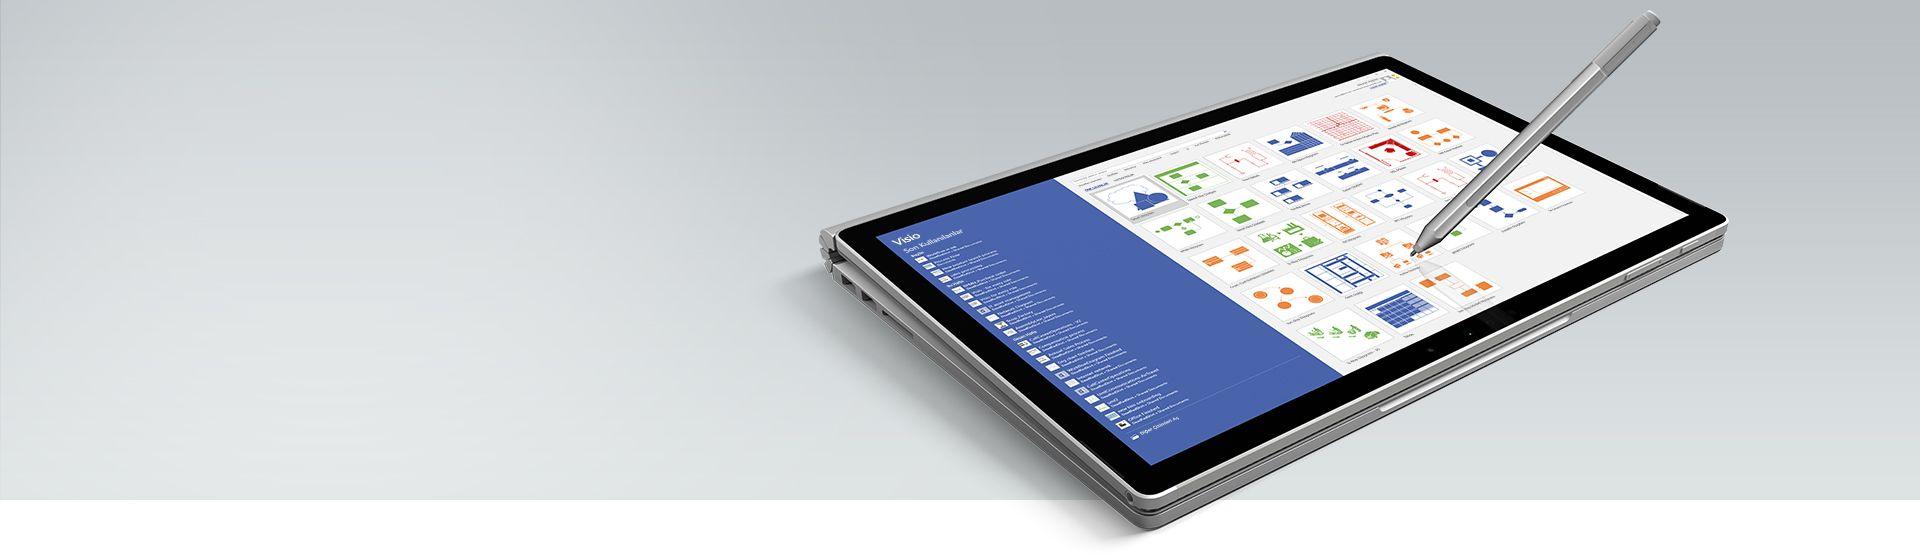 Visio'da kullanılabilen şablonları ve son dosyaların listesini gösteren Microsoft Surface tablet